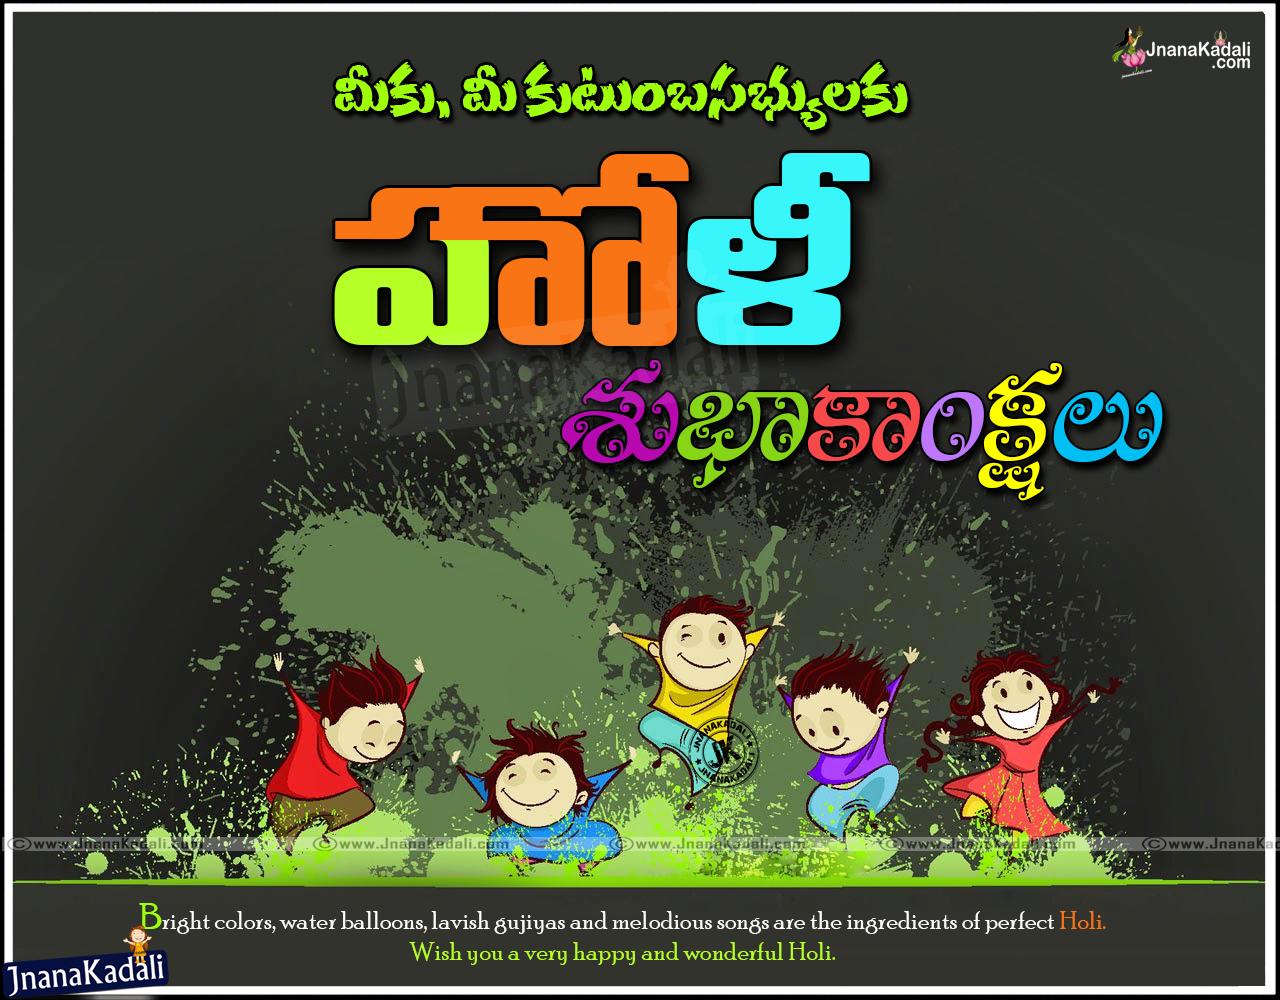 Telugu holi kavithalu poems greetings jnana kadali telugu telugu holi kavithalu poems greetings m4hsunfo